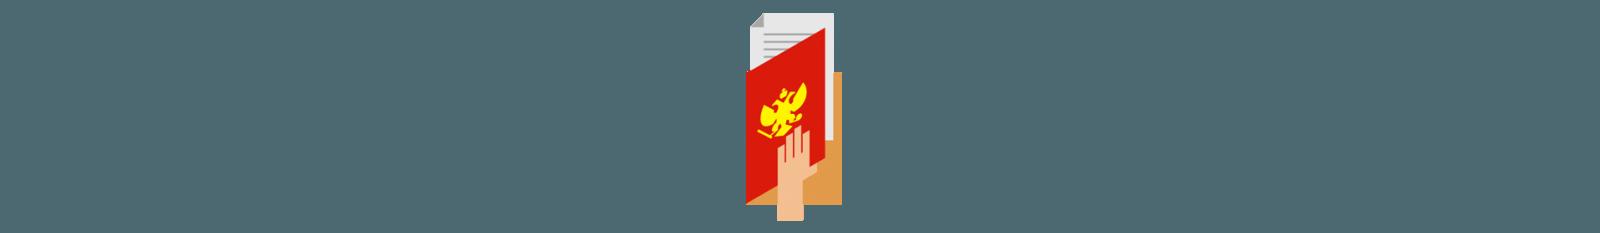 Основные меры нетарифного контроля при импорте сборных грузов: краткий обзор.